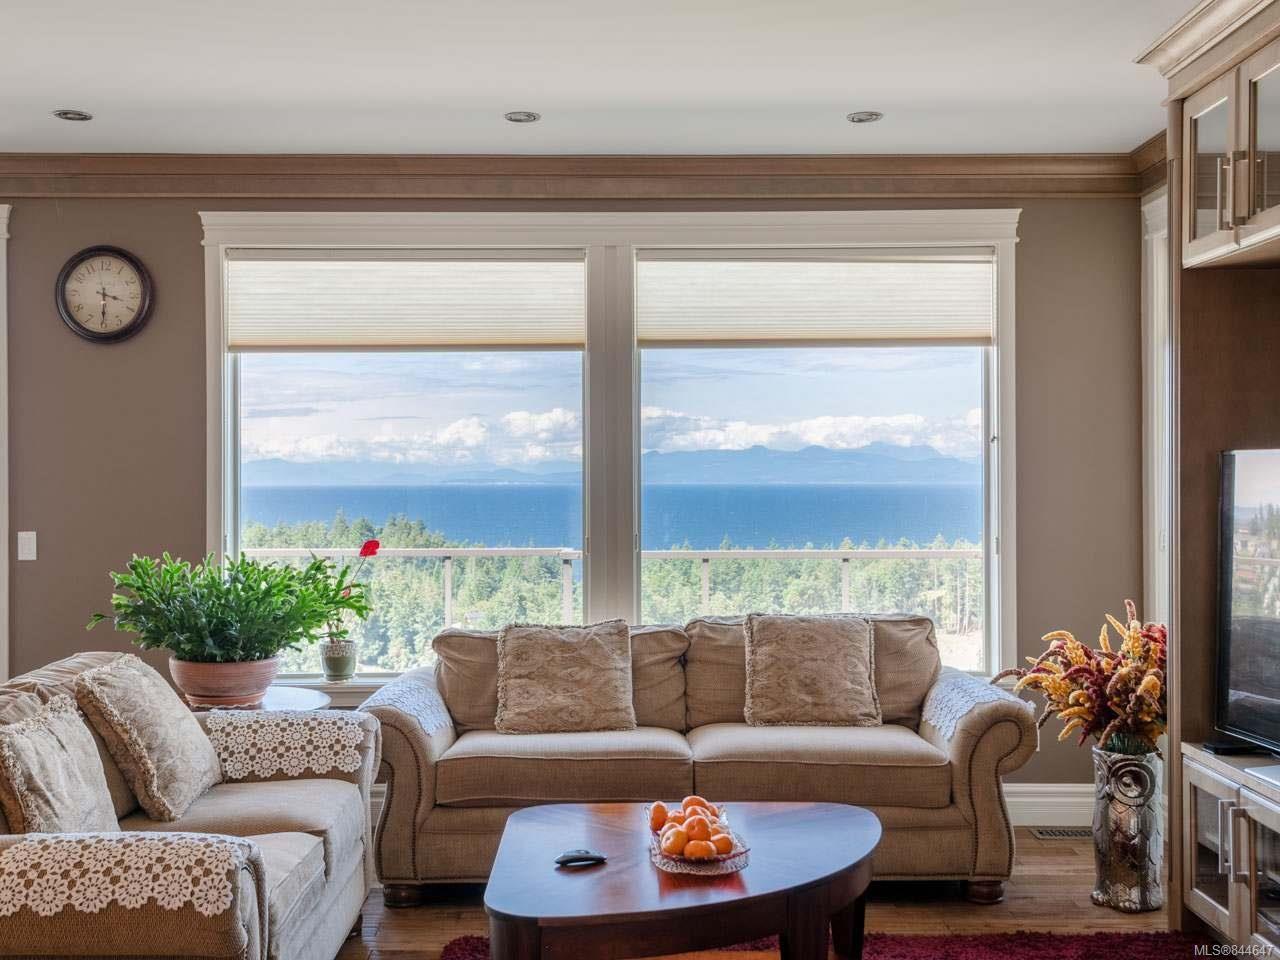 Photo 11: Photos: 4576 Laguna Way in NANAIMO: Na North Nanaimo House for sale (Nanaimo)  : MLS®# 844647